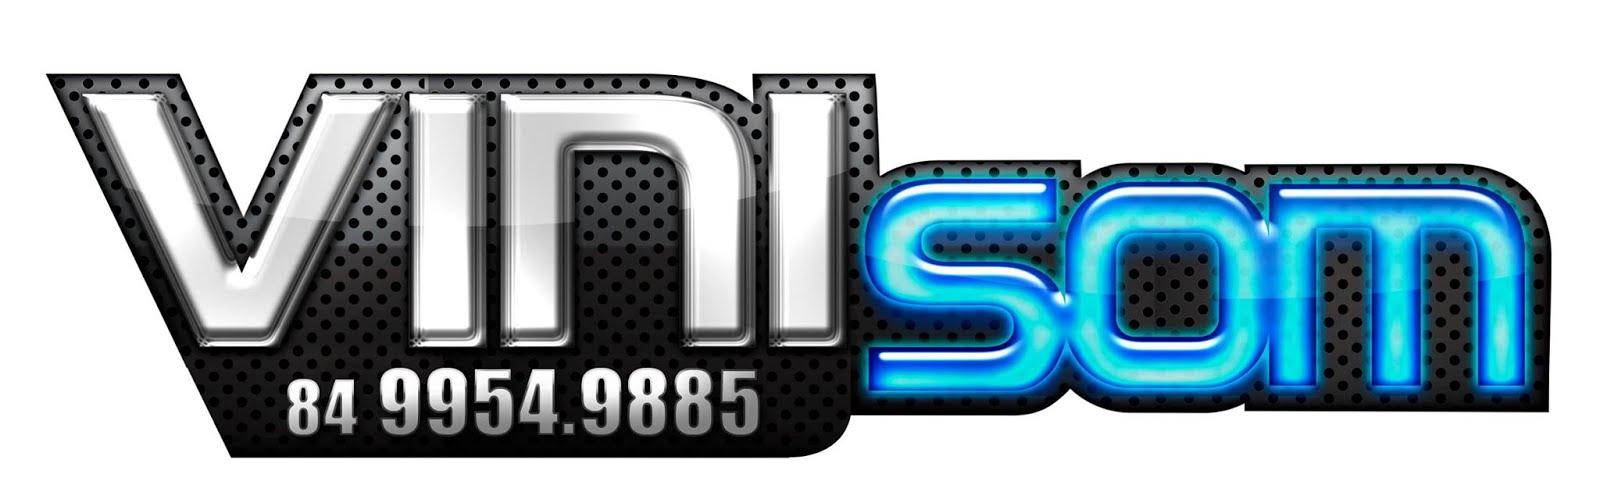 ViniSom - 99954 9885